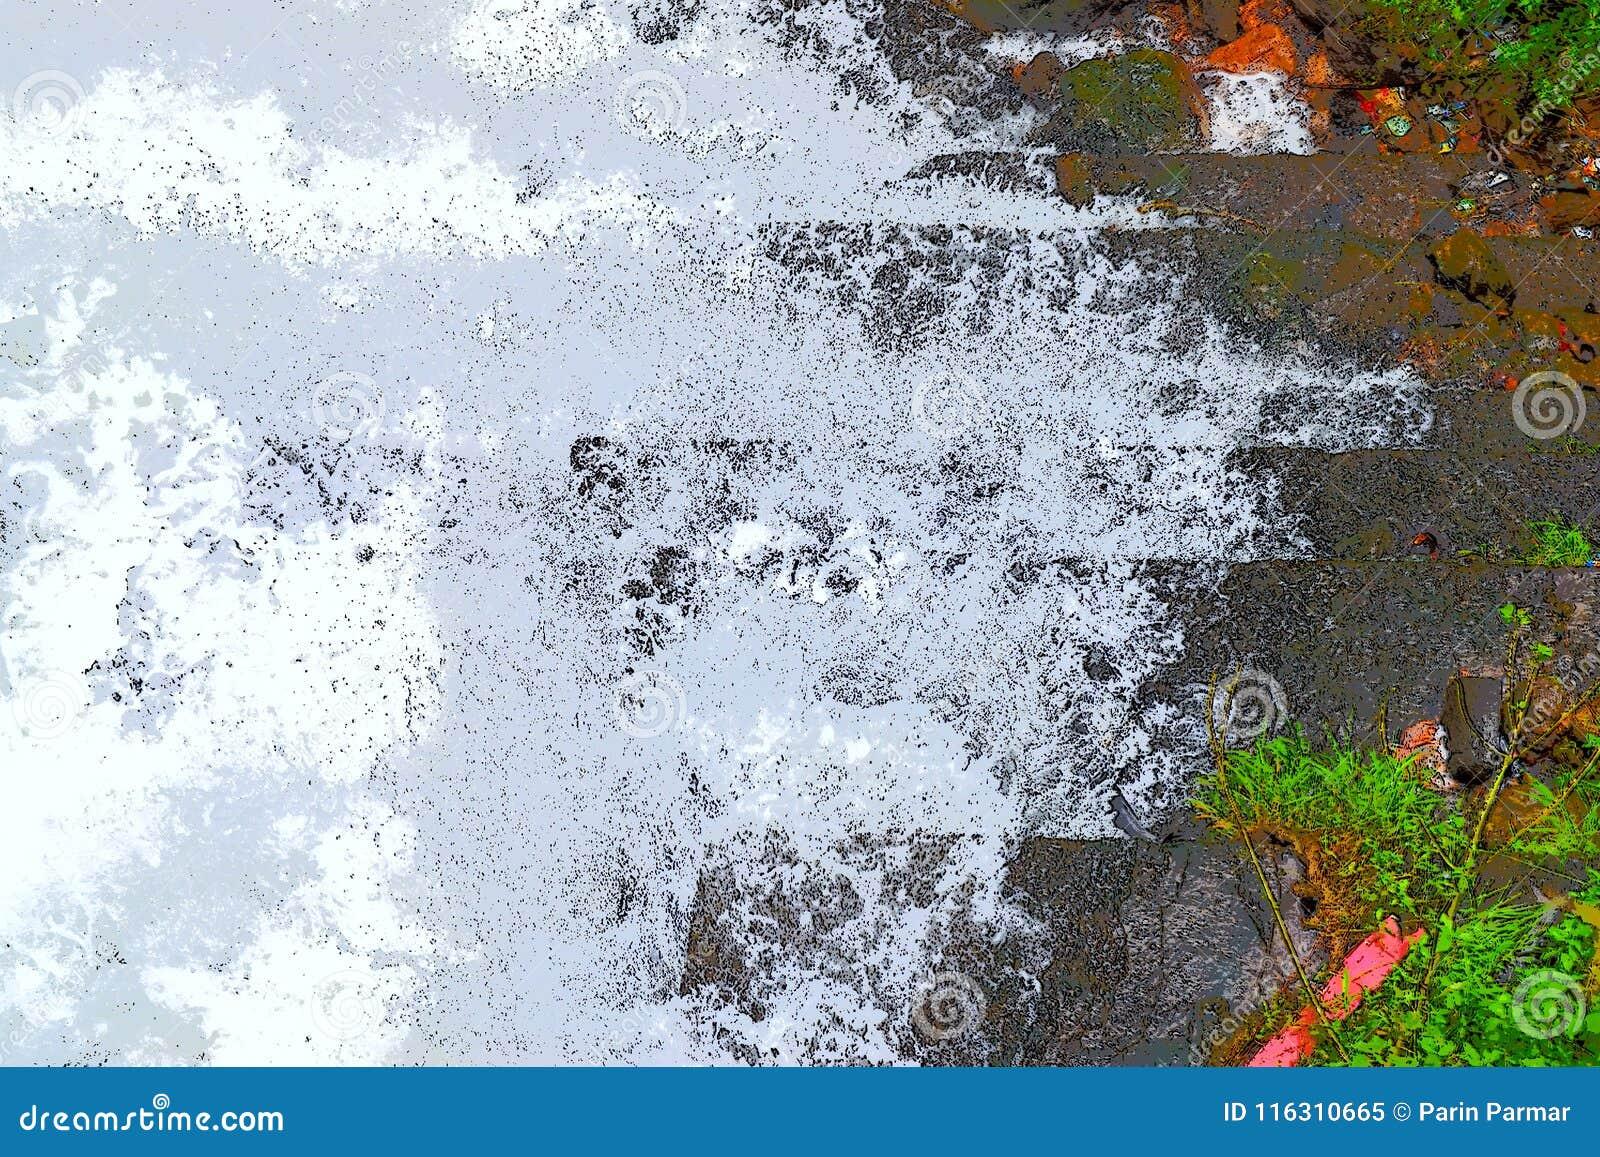 抽象背景-洒白色泡沫似的水反对树荫绿色和灰色